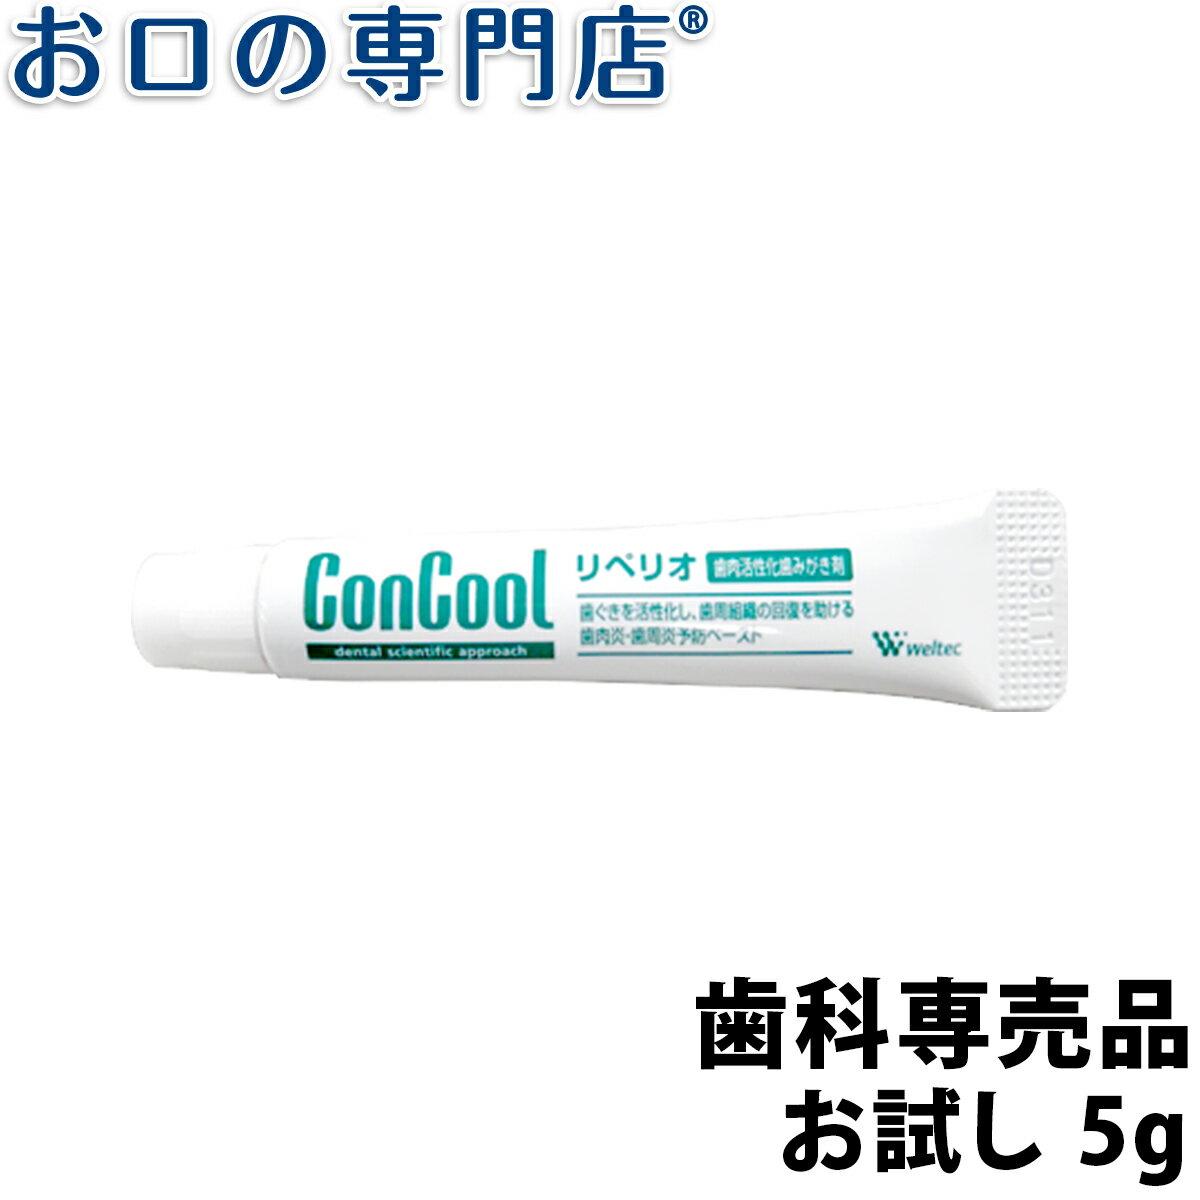 ☆お試し☆コンクールシリーズ リペリオ 5g×1個【メール便OK】【歯科専売品】